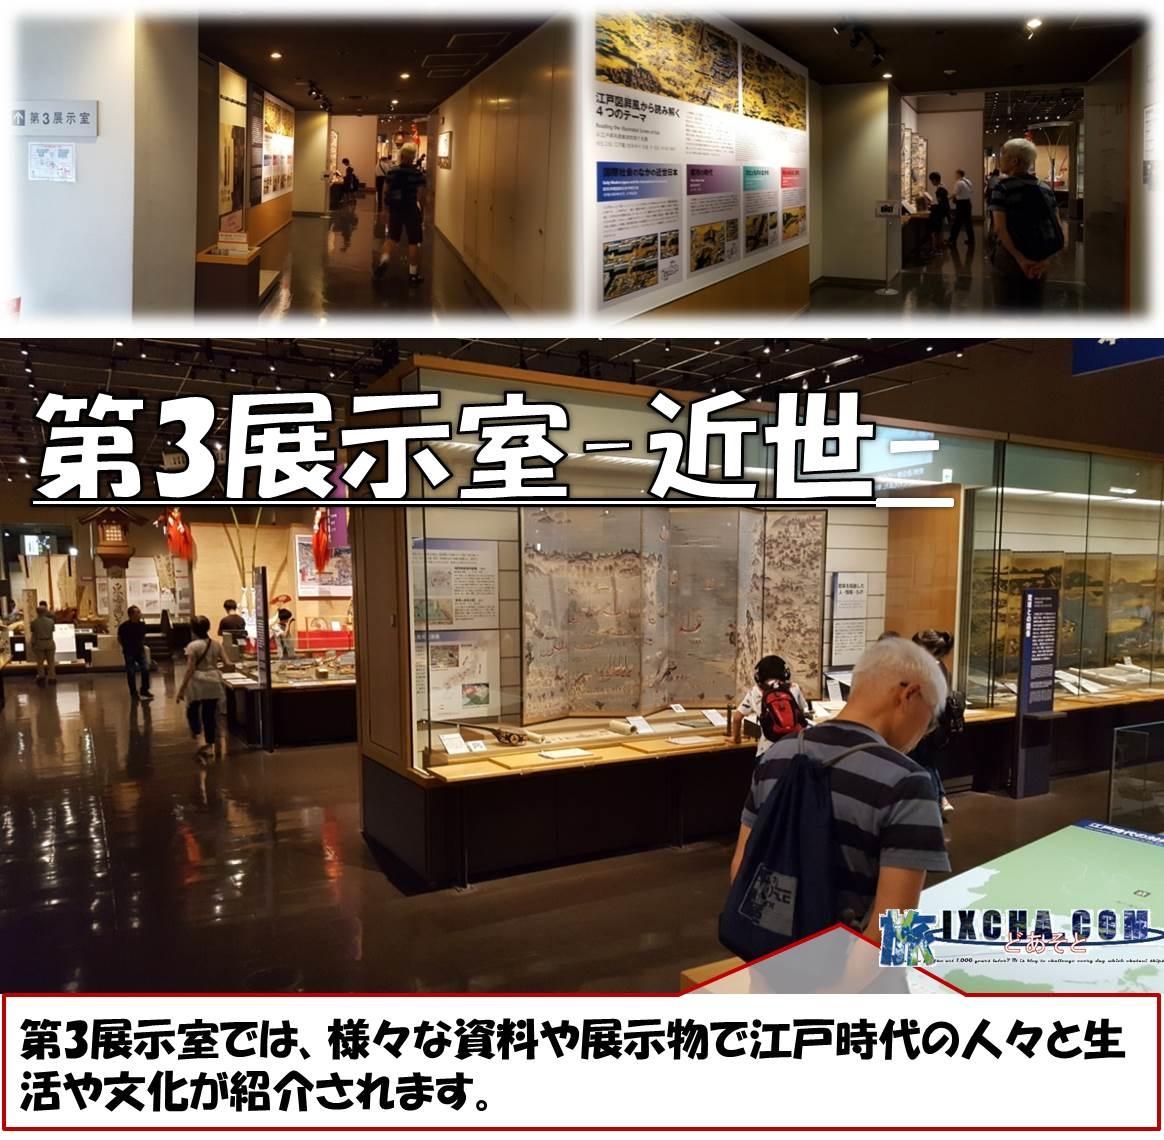 第3展示室-近世- 第3展示室では、様々な資料や展示物で江戸時代の人々と生活や文化が紹介されます。